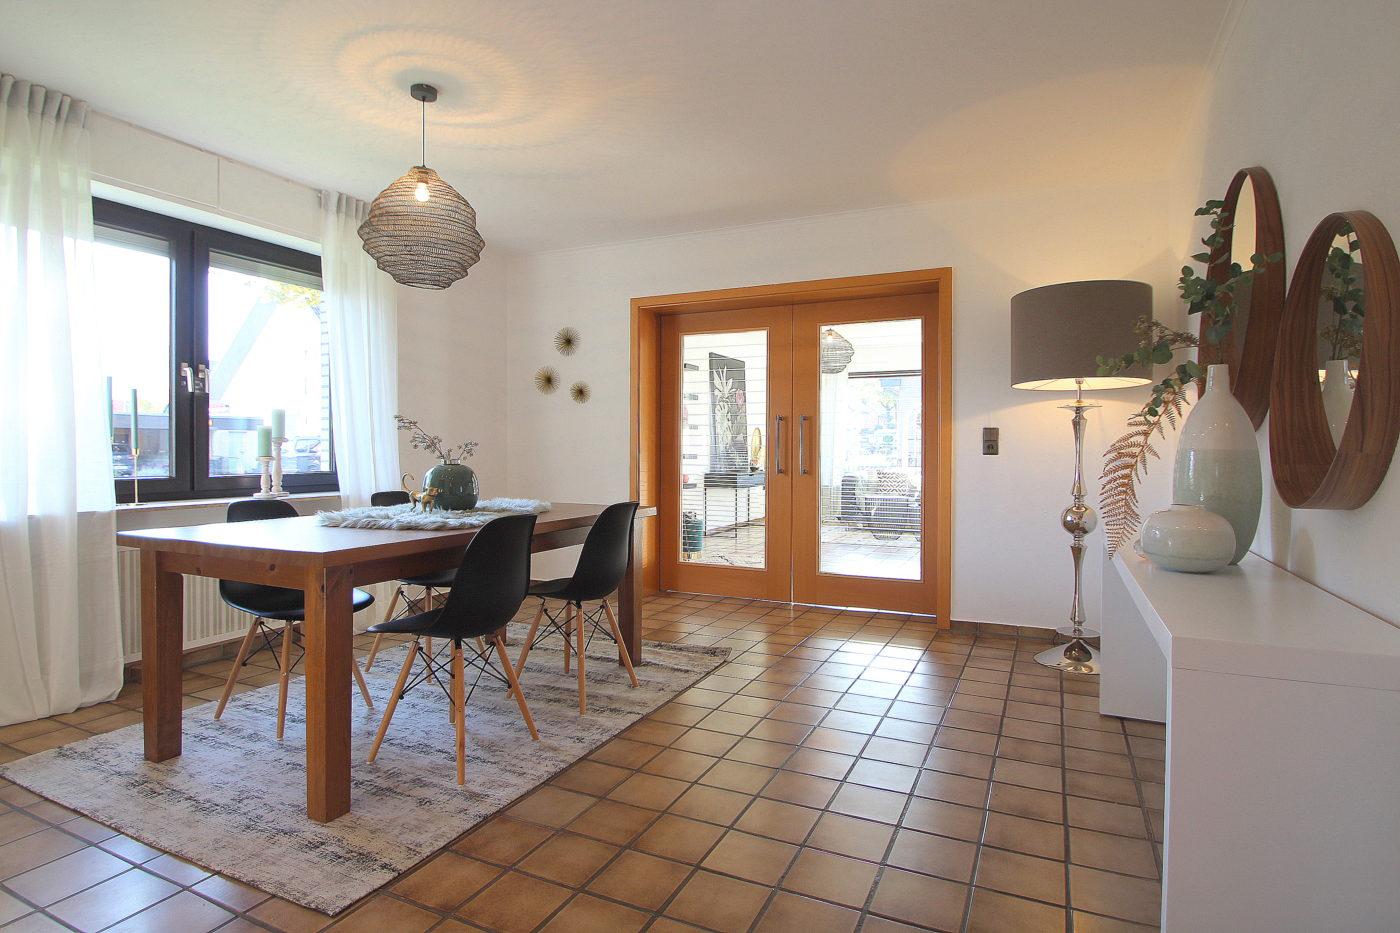 Wohn- und Esszimmer nach dem Homestaging durch Nicole Biernath von Blickfang Homestaging in Soest